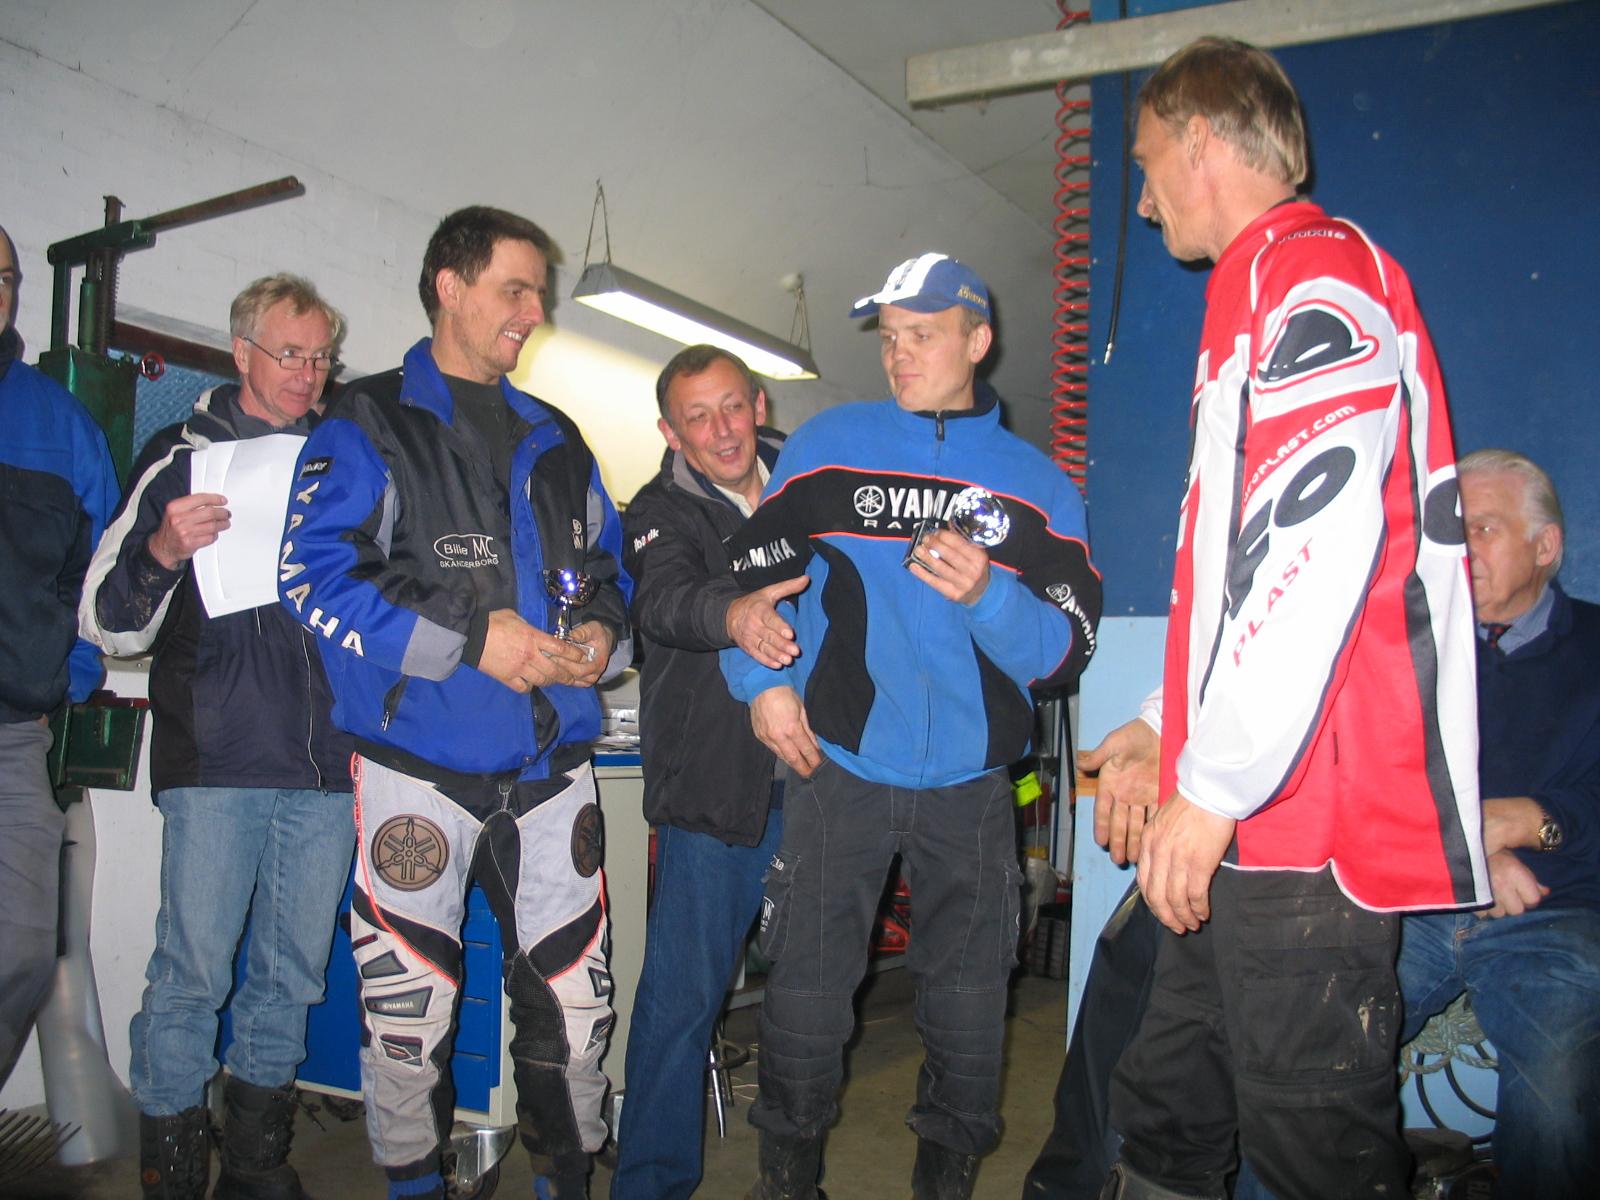 John Bille i midten får endnu en sejr i Quad Maxi. 2. pladsen deles af Maxi Kær og Ivan Sylvester, der blev helt lige i tid.